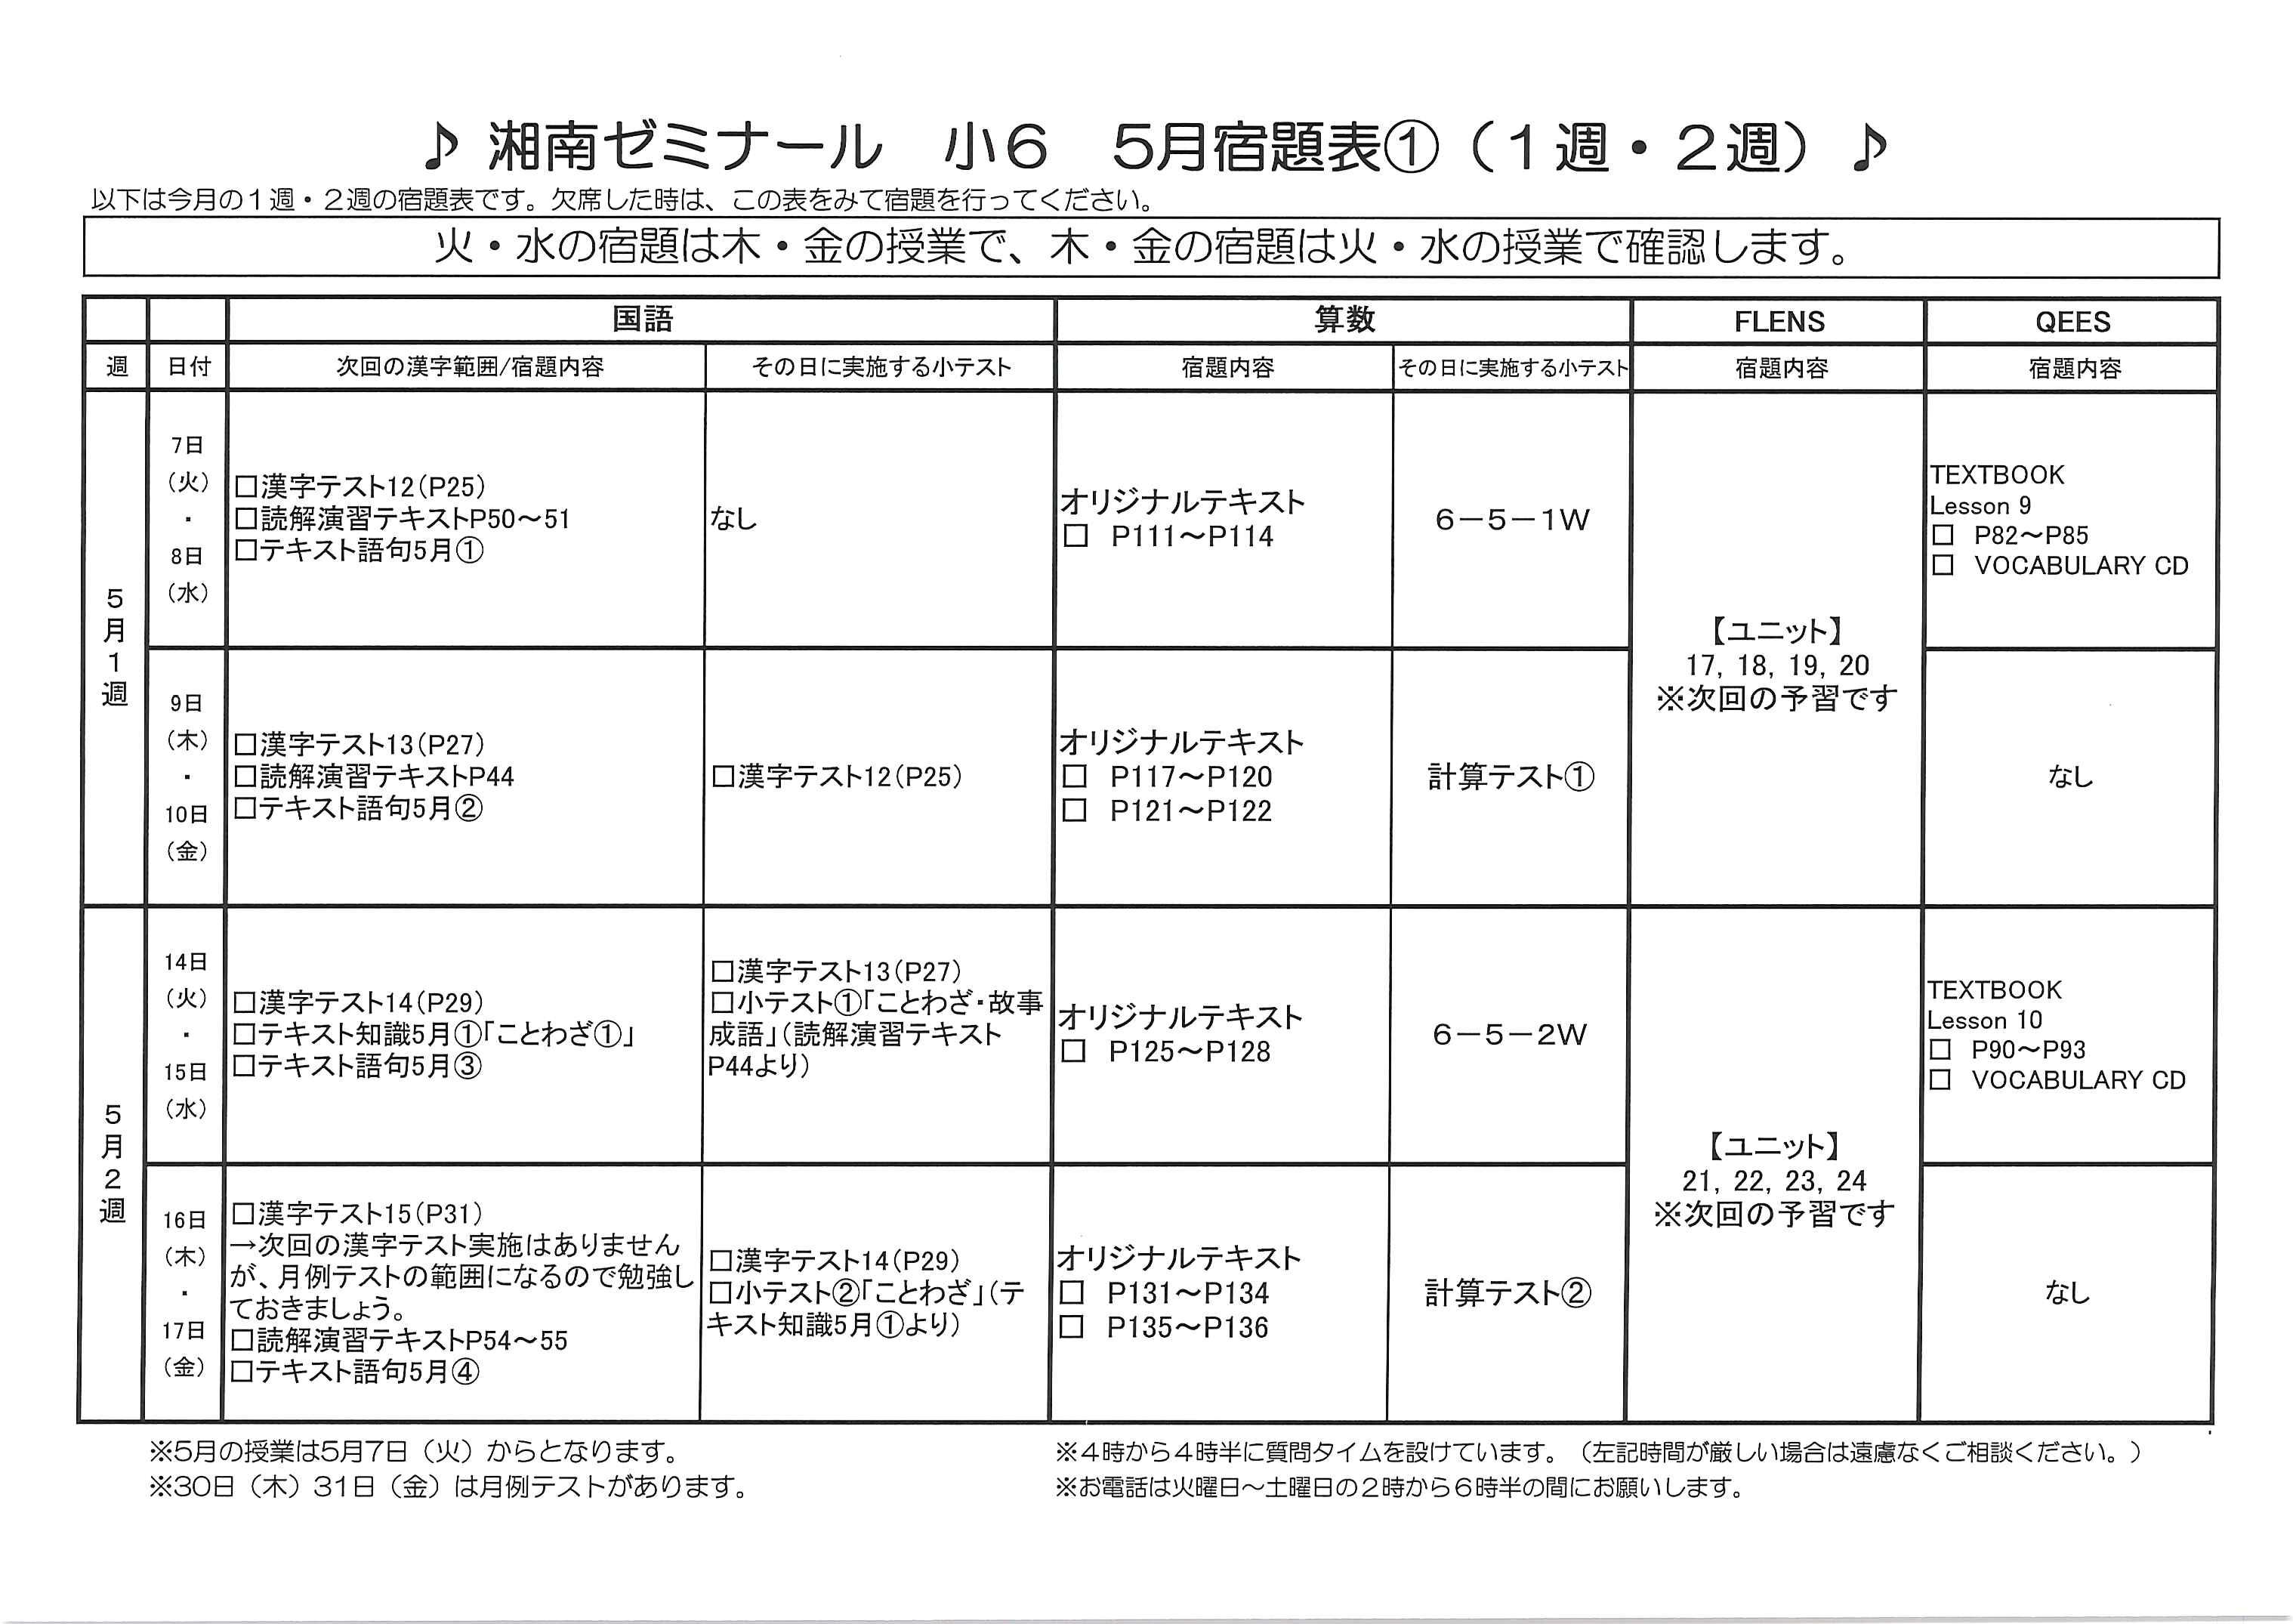 2019年小学生宿題予定表【HP用⑤】.png